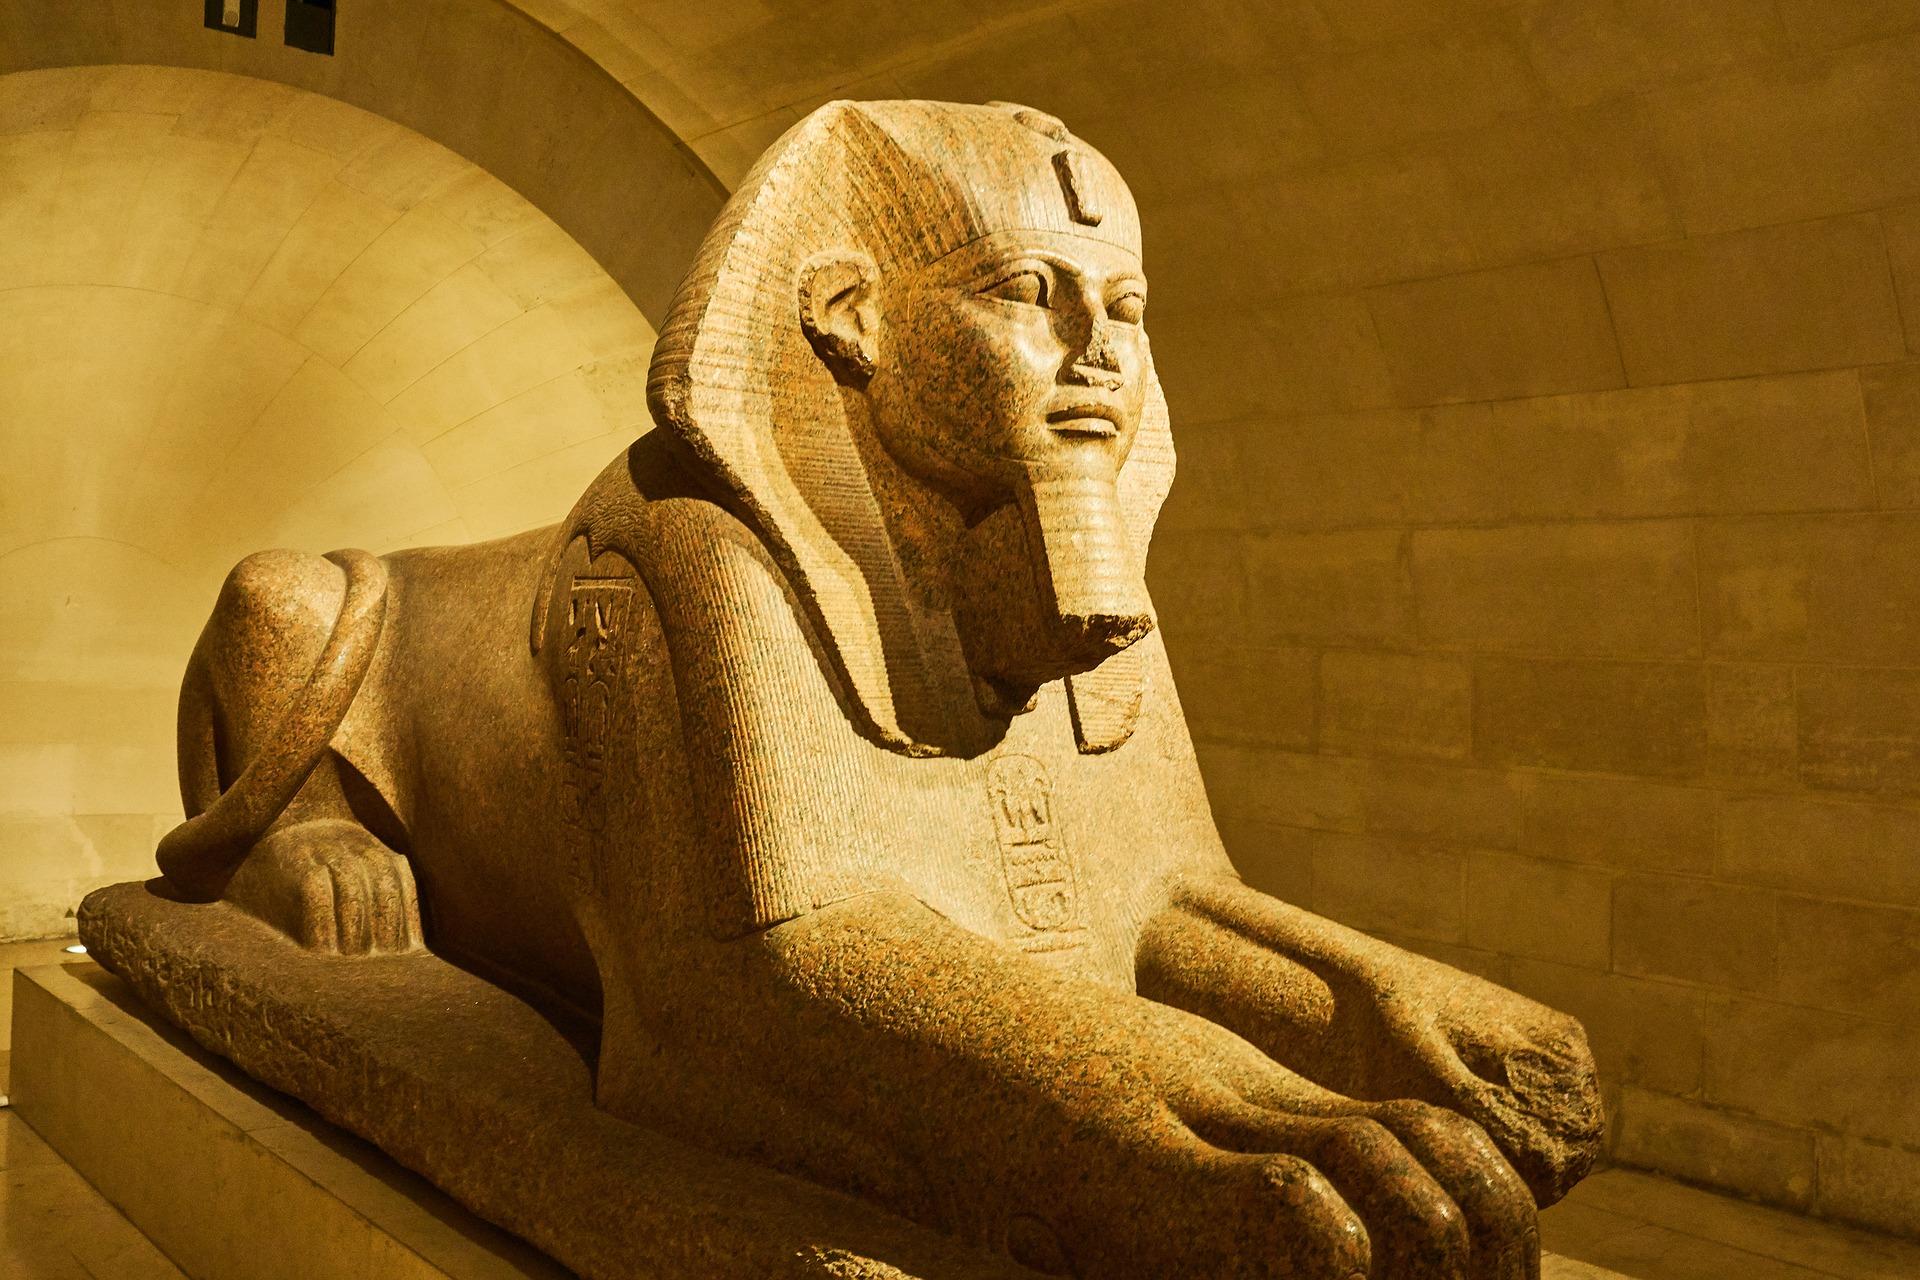 Proverite koji ste znak u egipatskom horoskopu